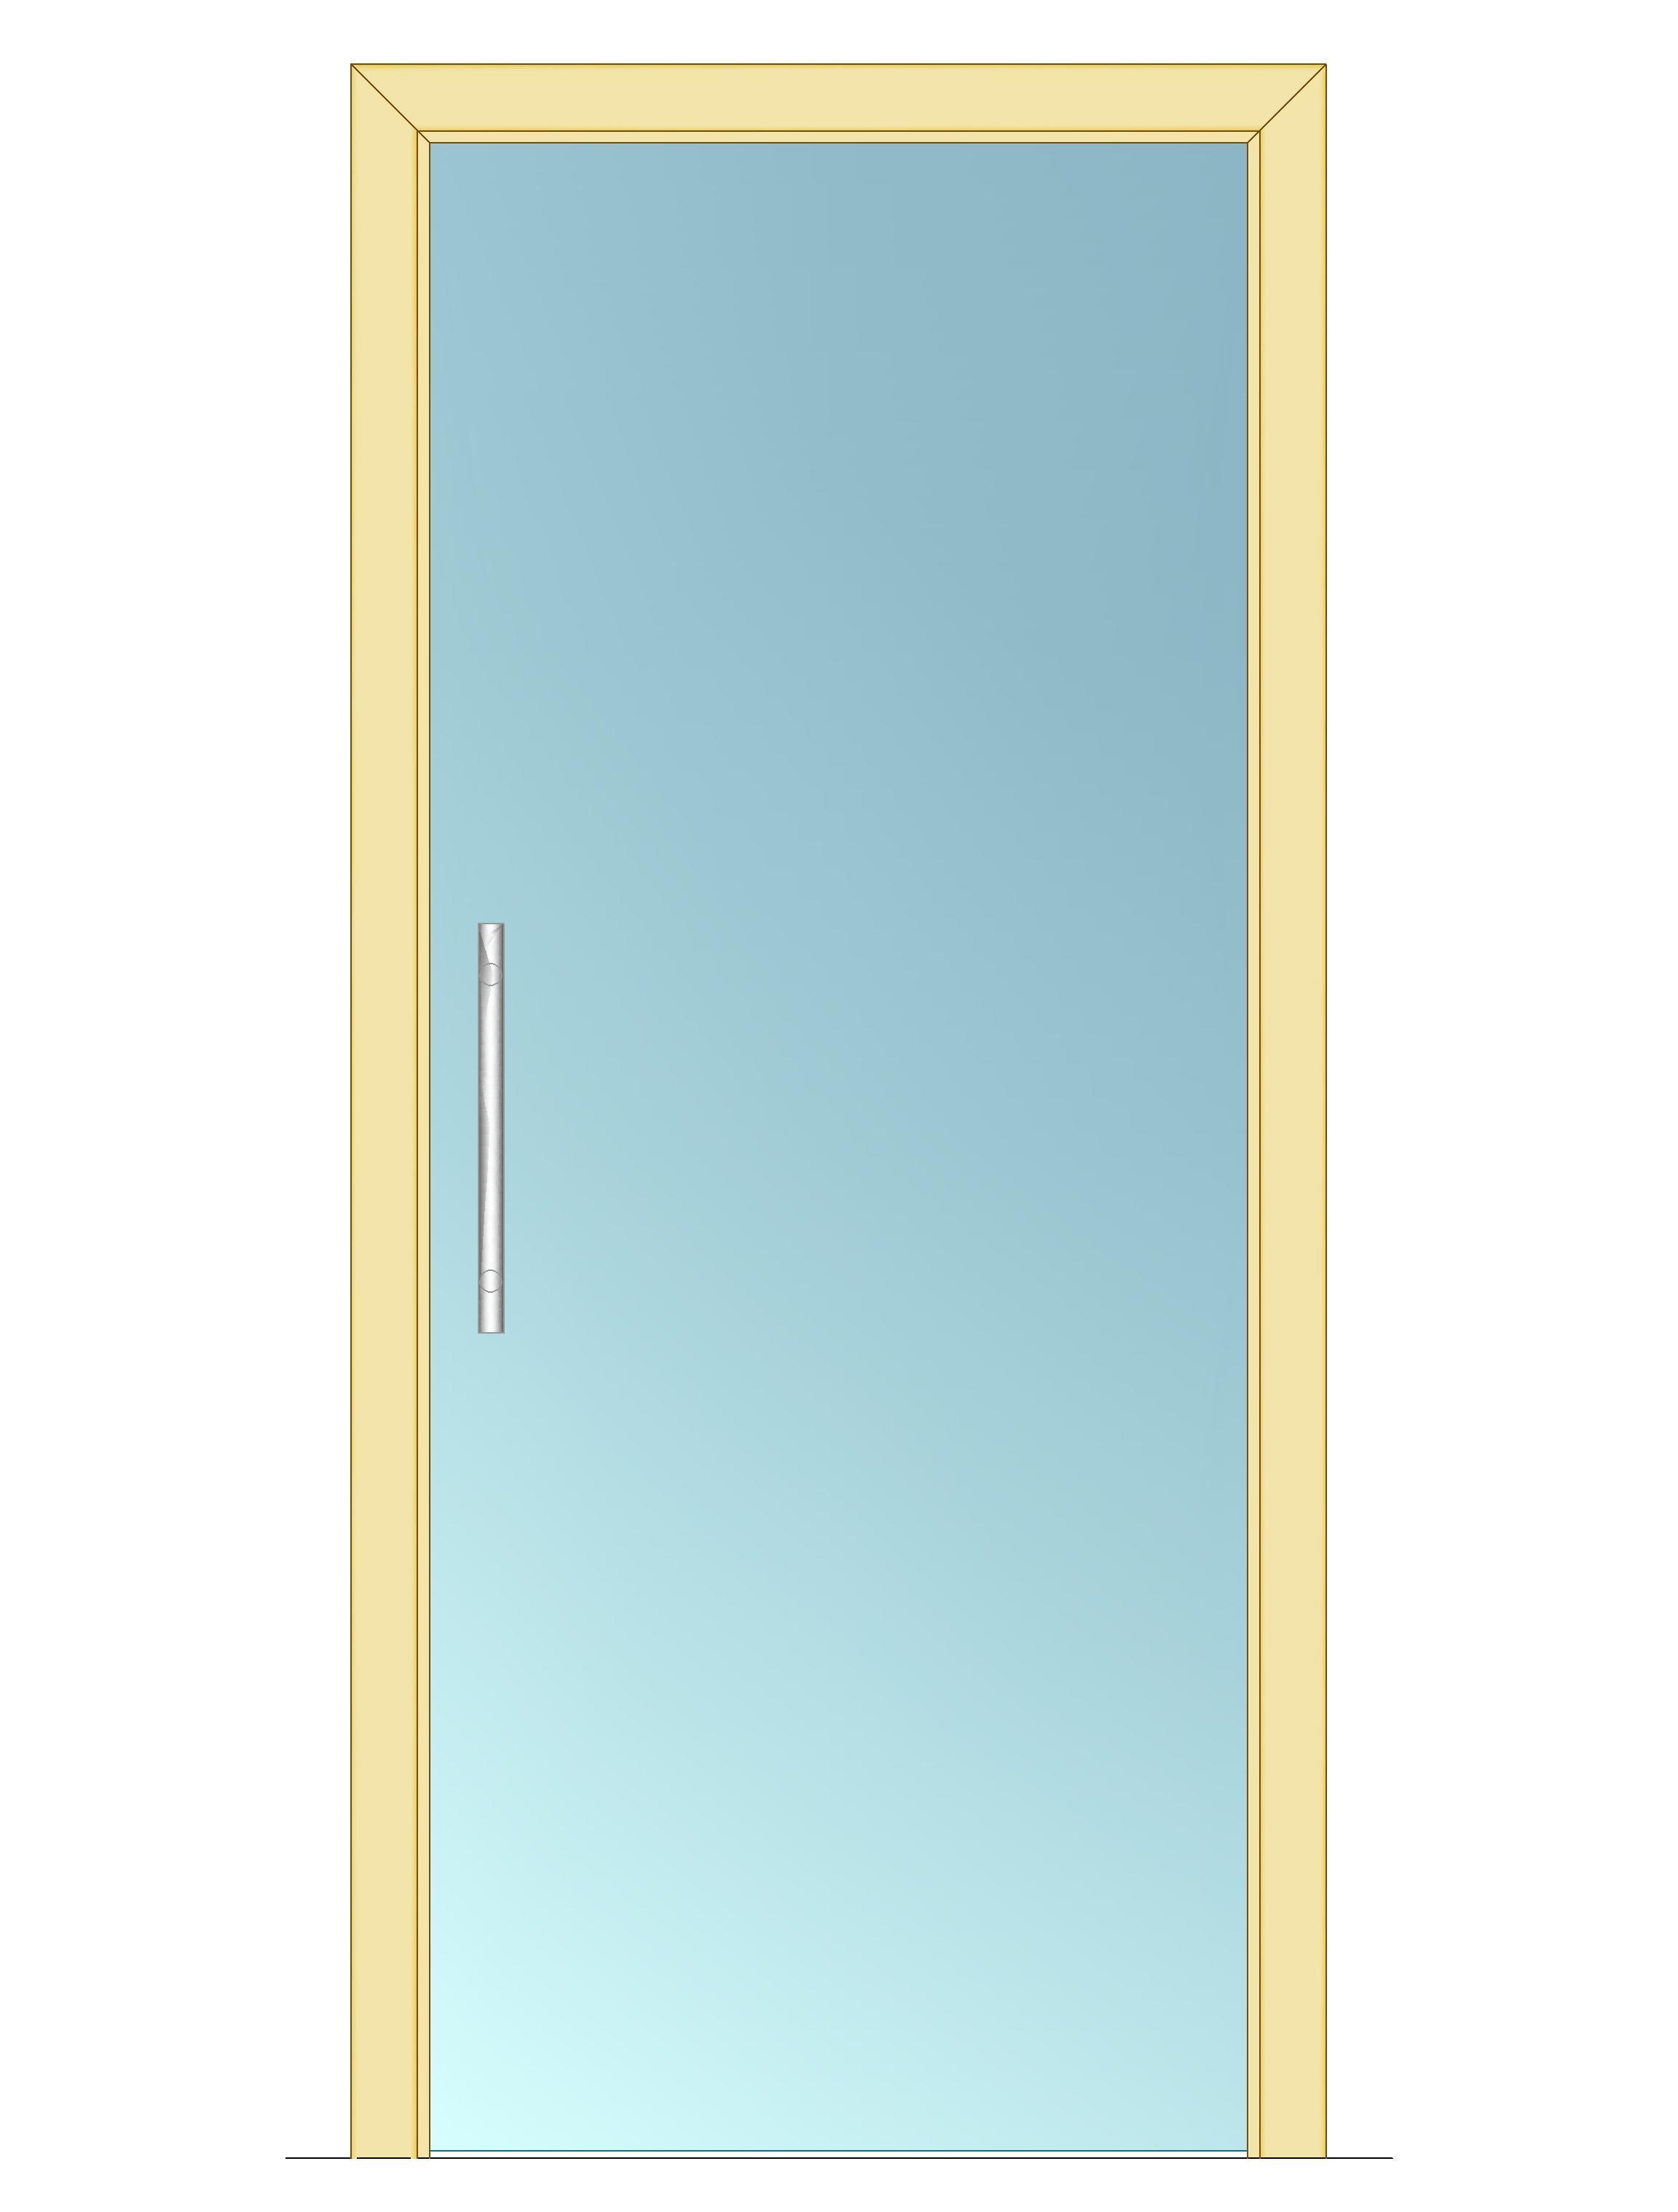 Celoskleněné dveře - posuvné - ČIRÉ 900mm Výška: 197cm